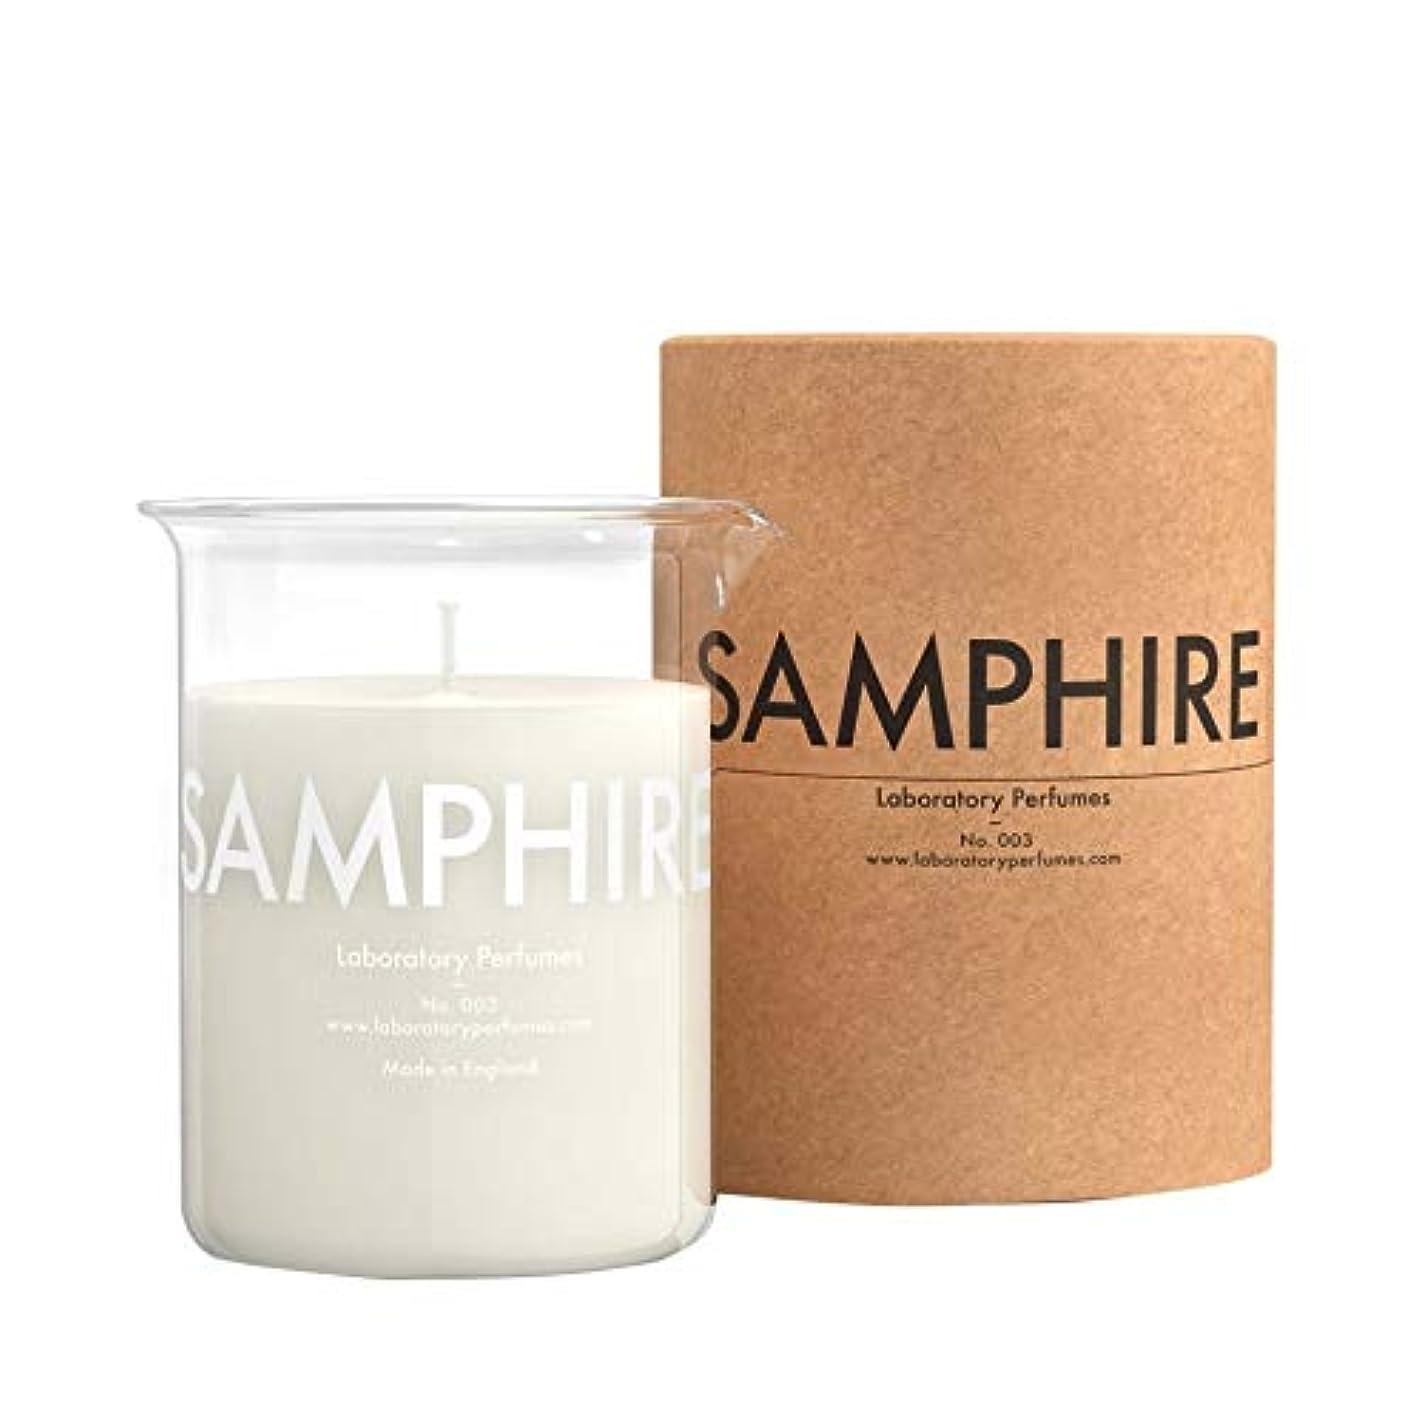 [Laboratory Perfumes ] 実験室の香水なし。 033 Samphireフレグランスキャンドル - Laboratory Perfumes No. 033 Samphire Fragranced Candle...